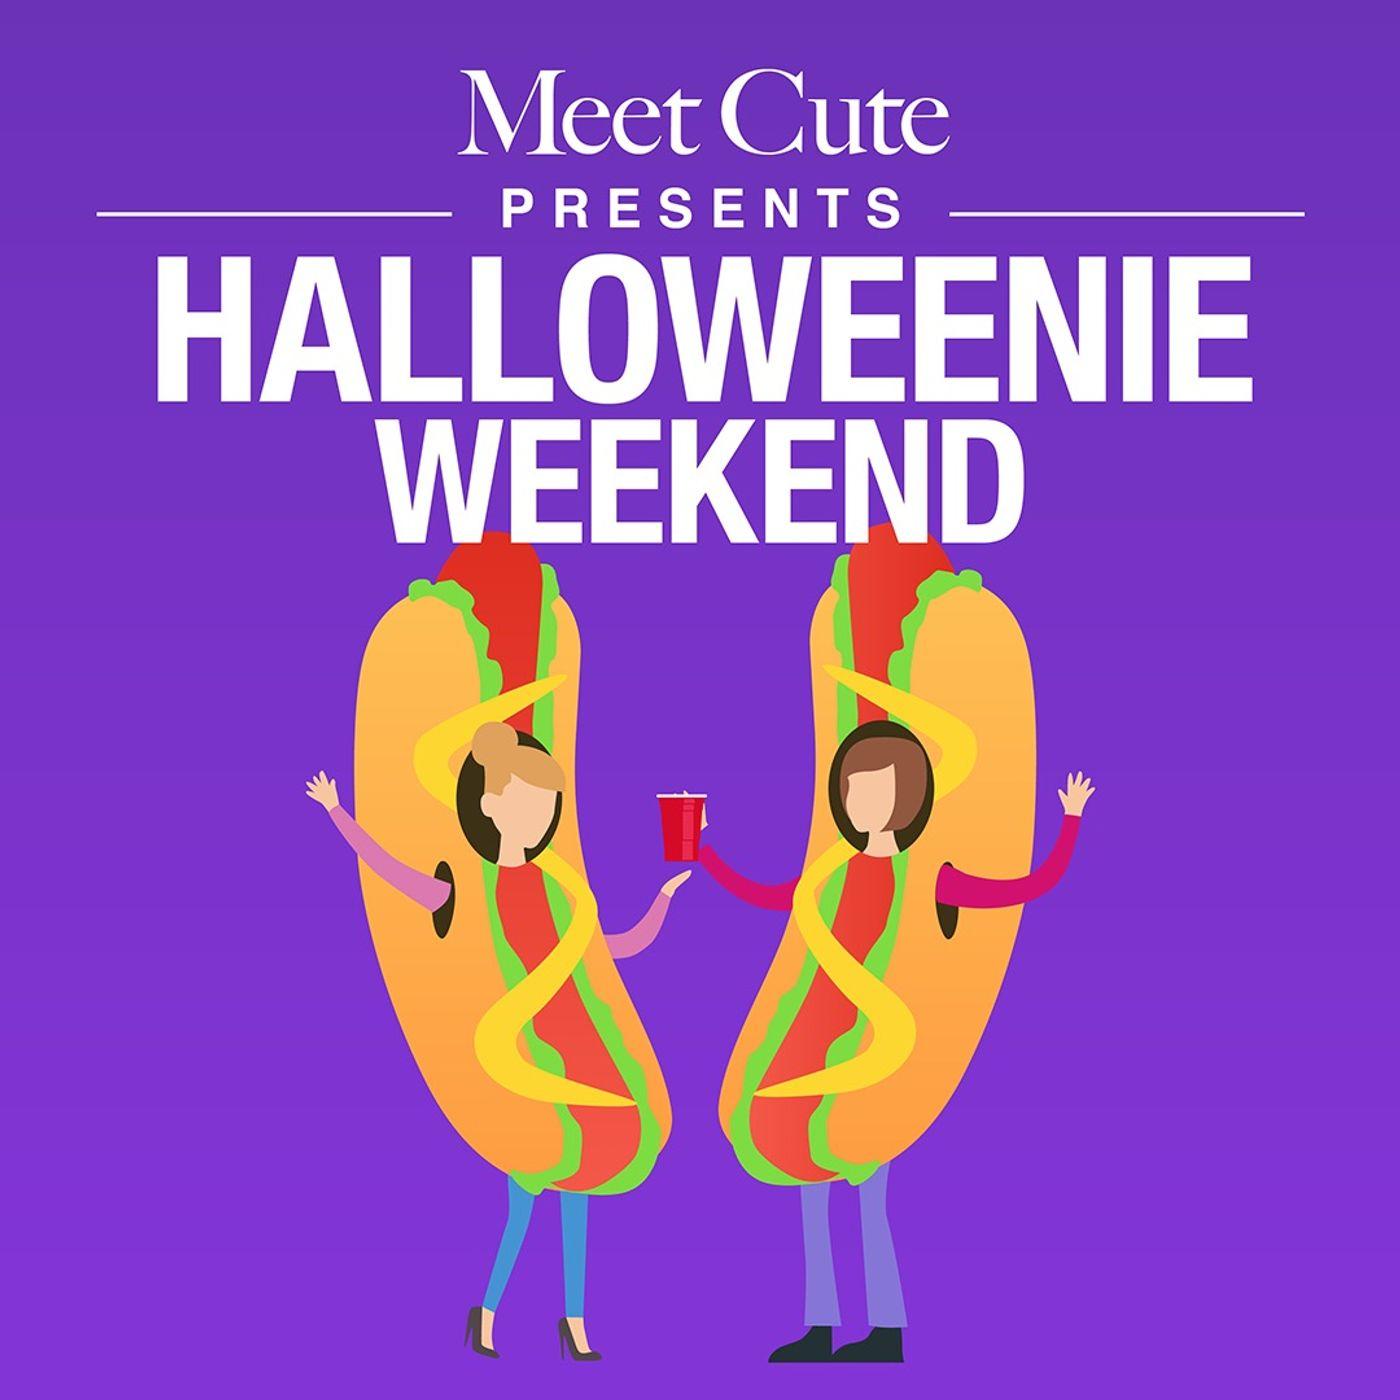 Halloweenie Weekend